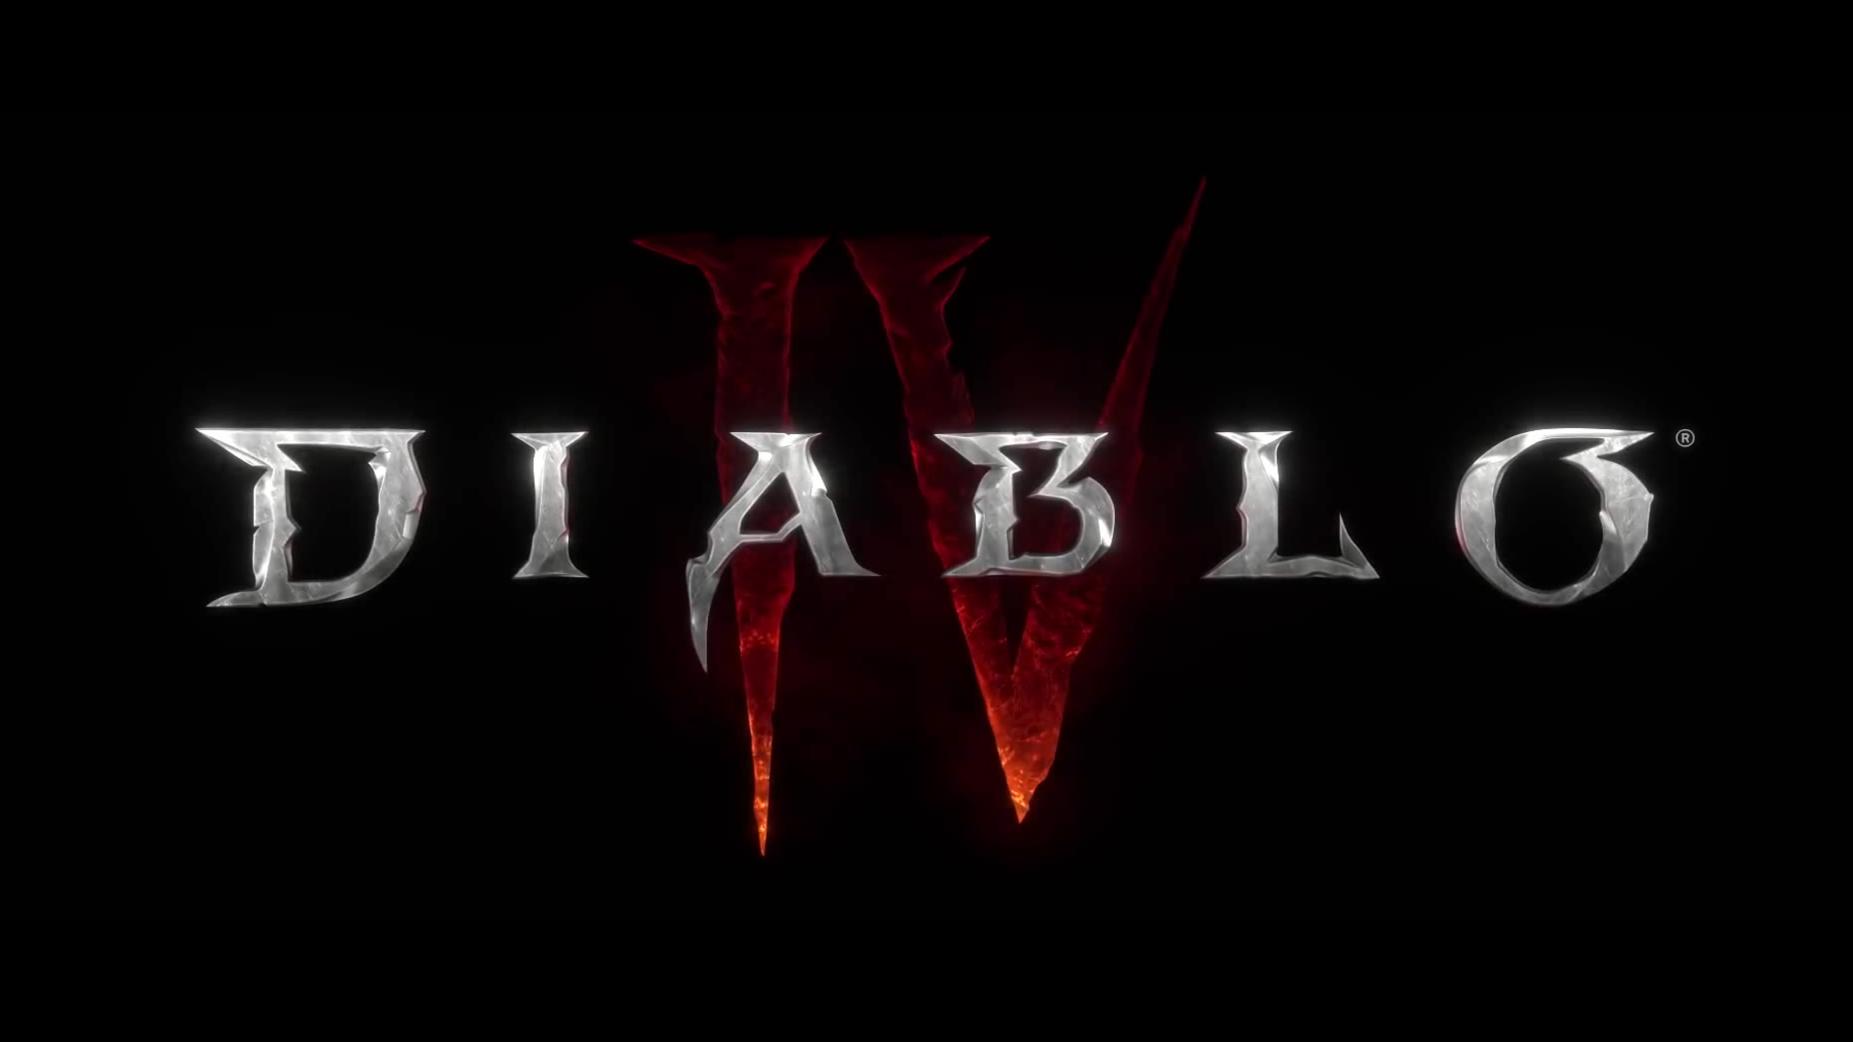 《暗黑破坏神4》游戏预告